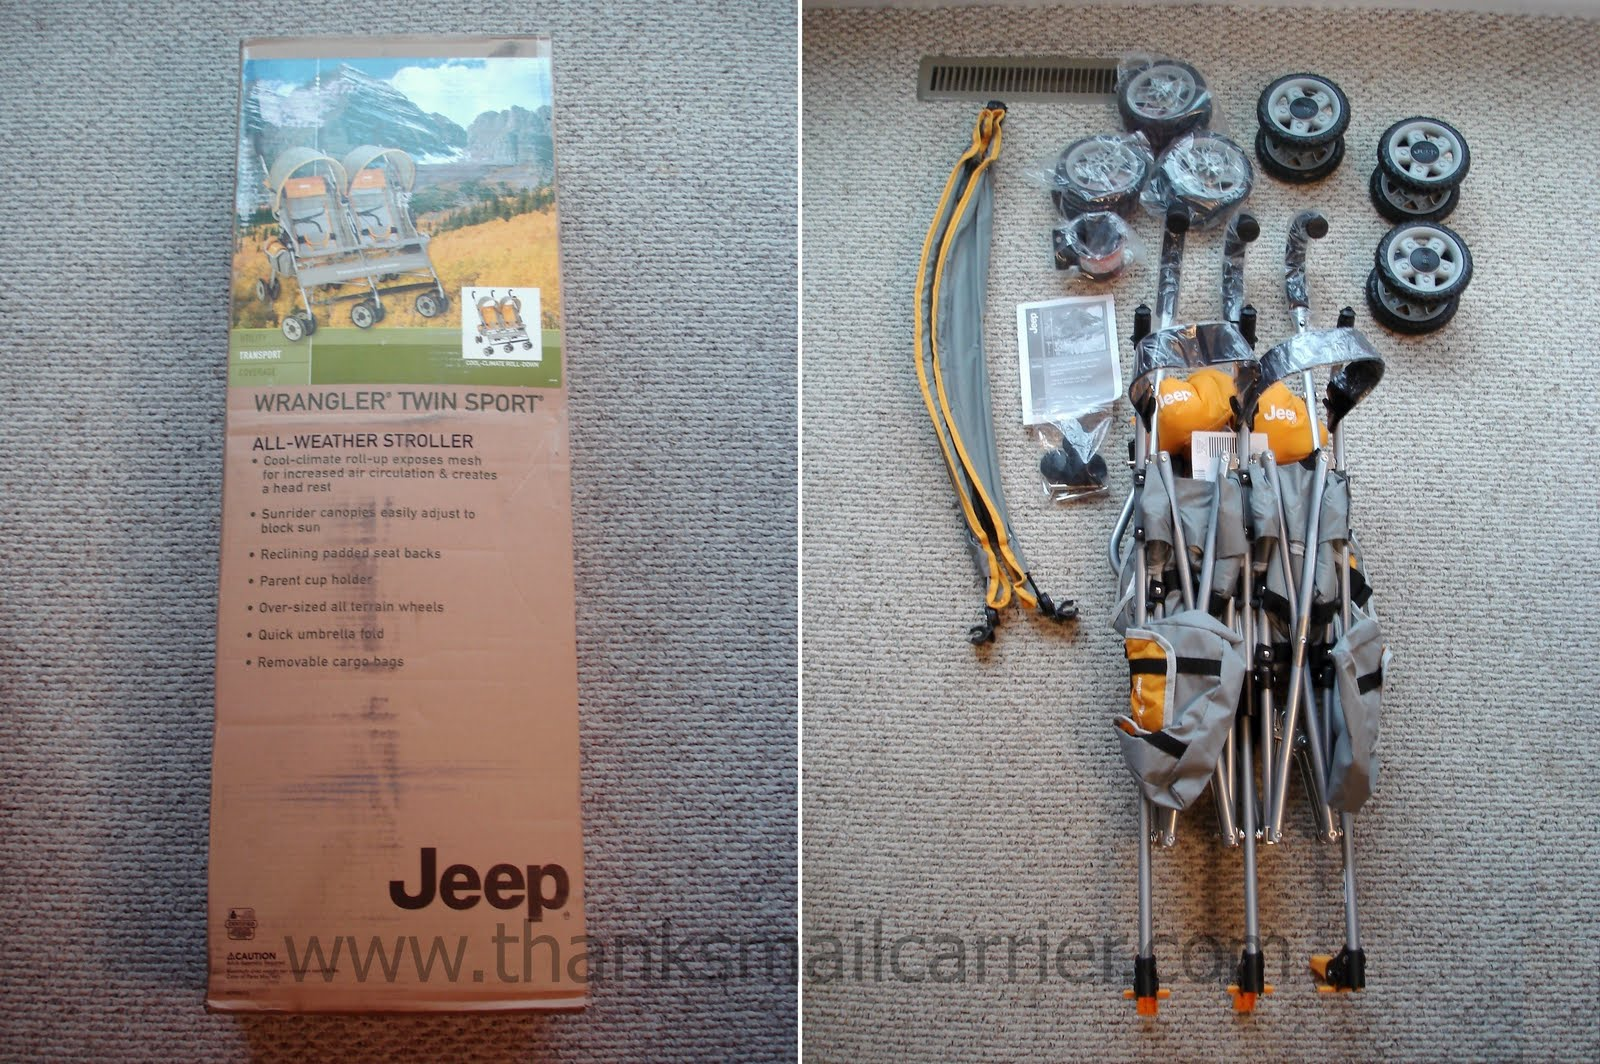 Jeep Wrangler Twin Sport